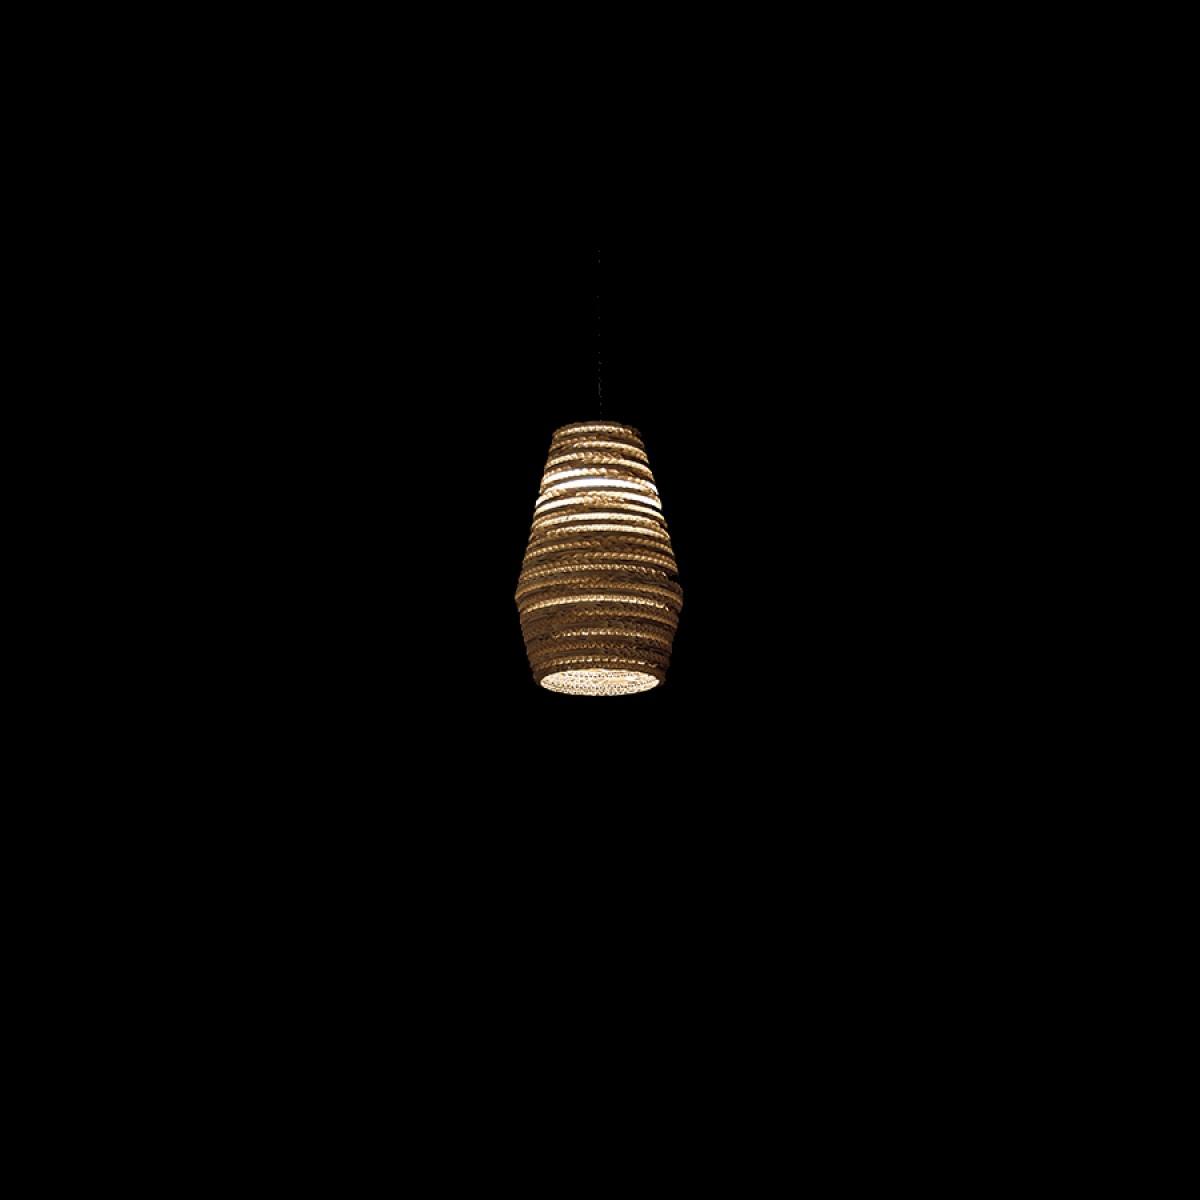 Cardboard lampshade, n2, type B - Hängelampe